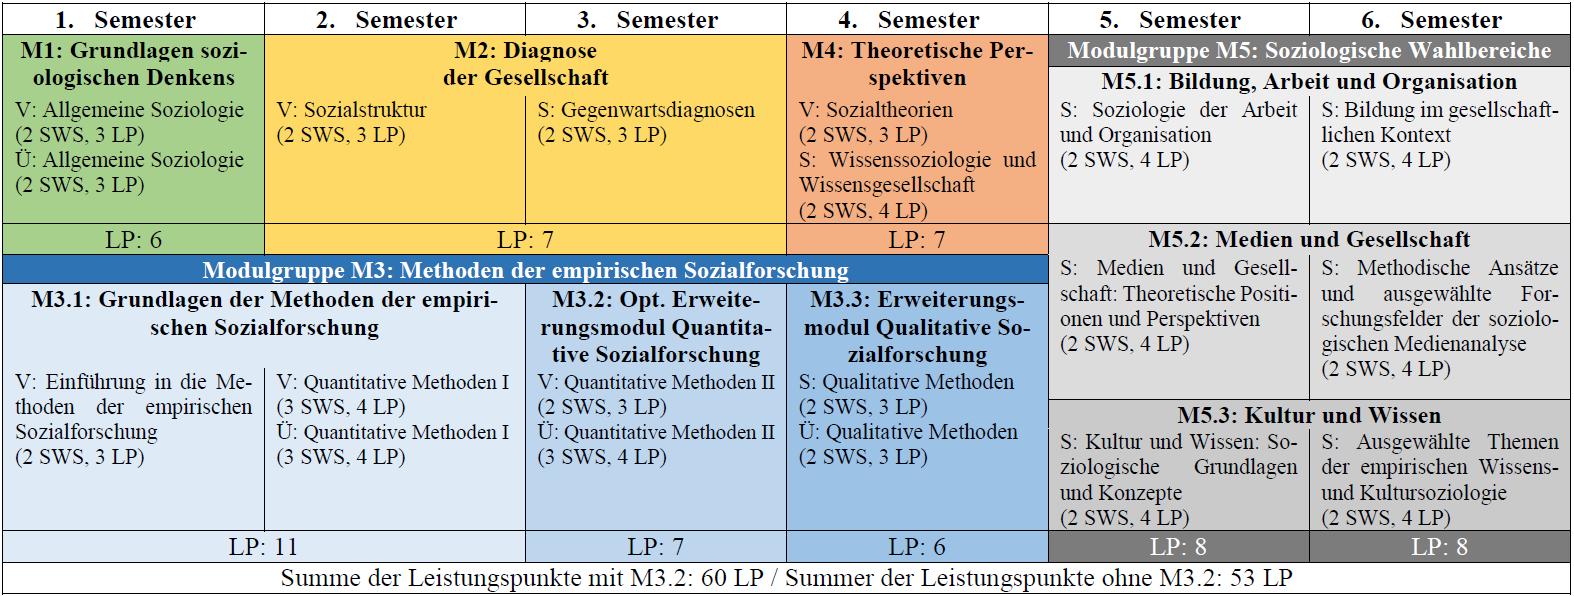 Studienverlaufsplan Basisfach Soziologie